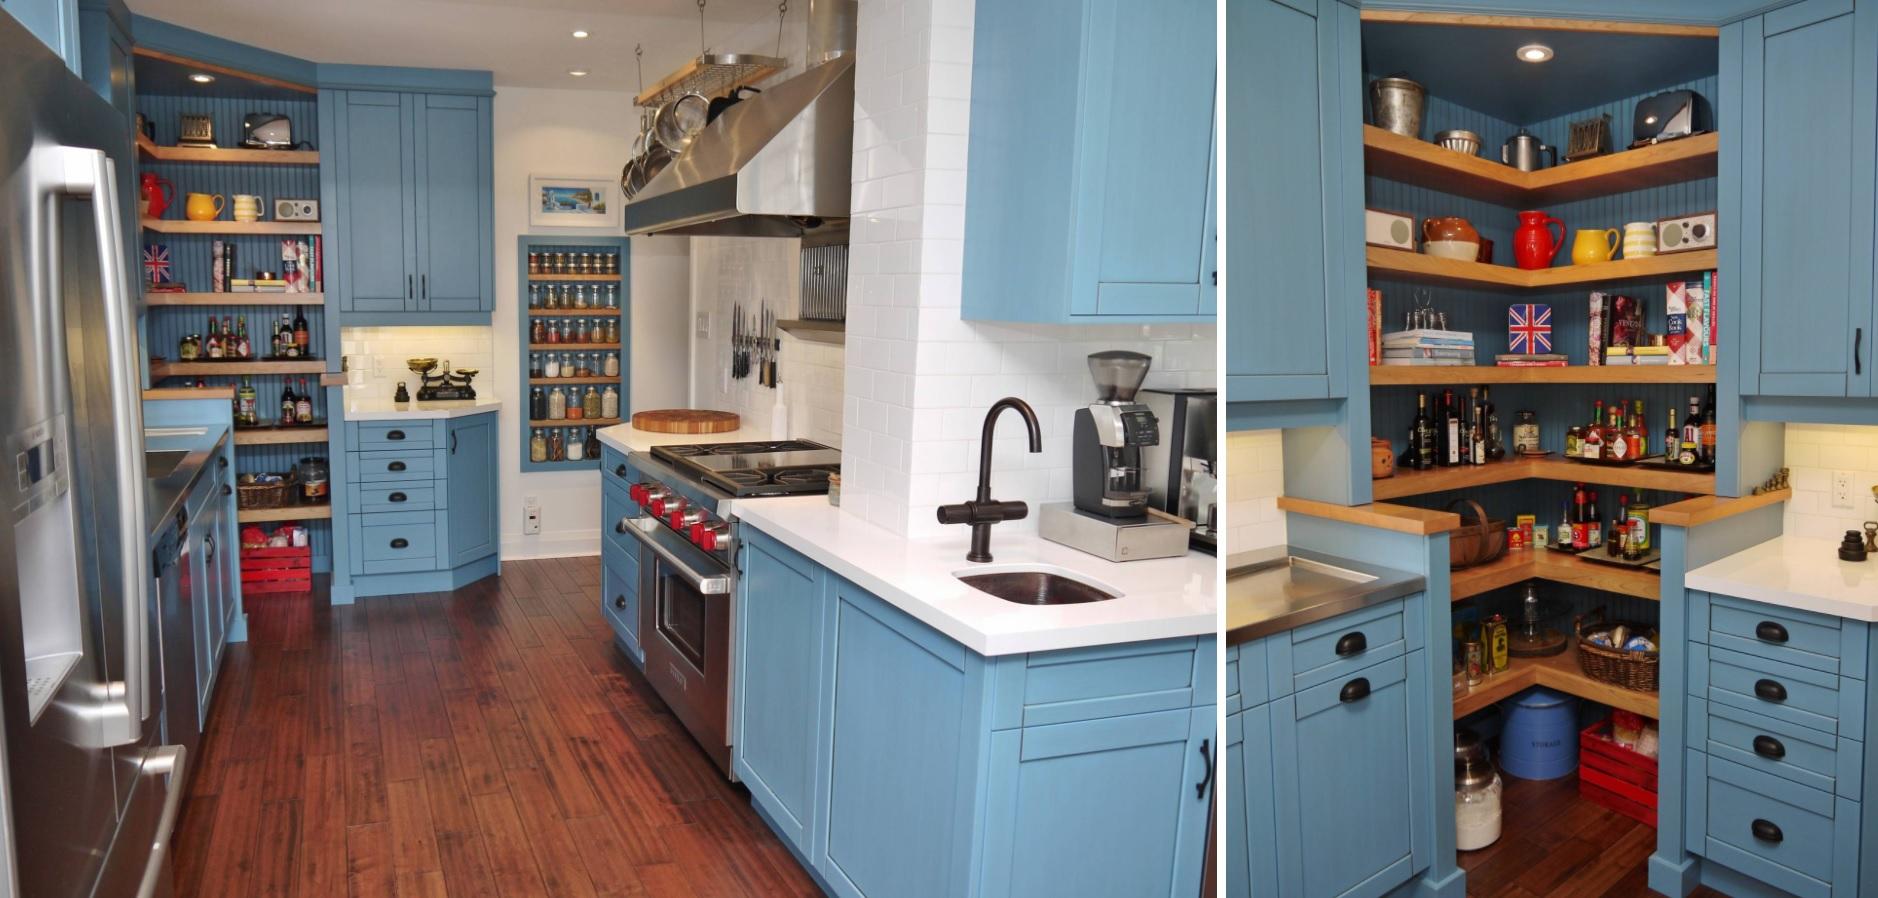 Muebles de cocina esquineros - Tienda de Muebles de Cocina en ...